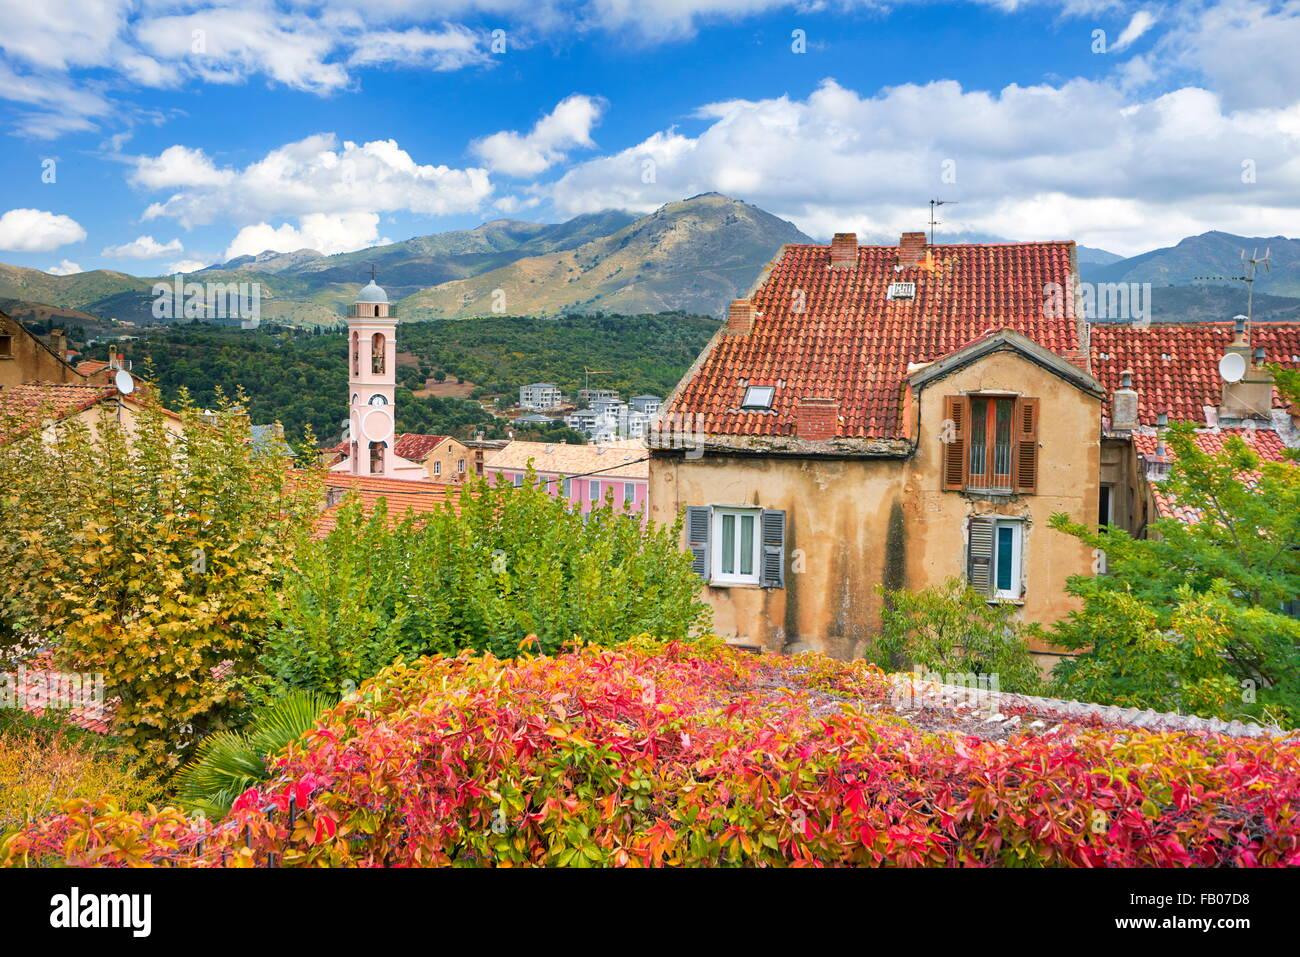 Corte, ancienne capitale de la Corse indépendante, l'architecture typique de la vieille ville, Corse, France Photo Stock